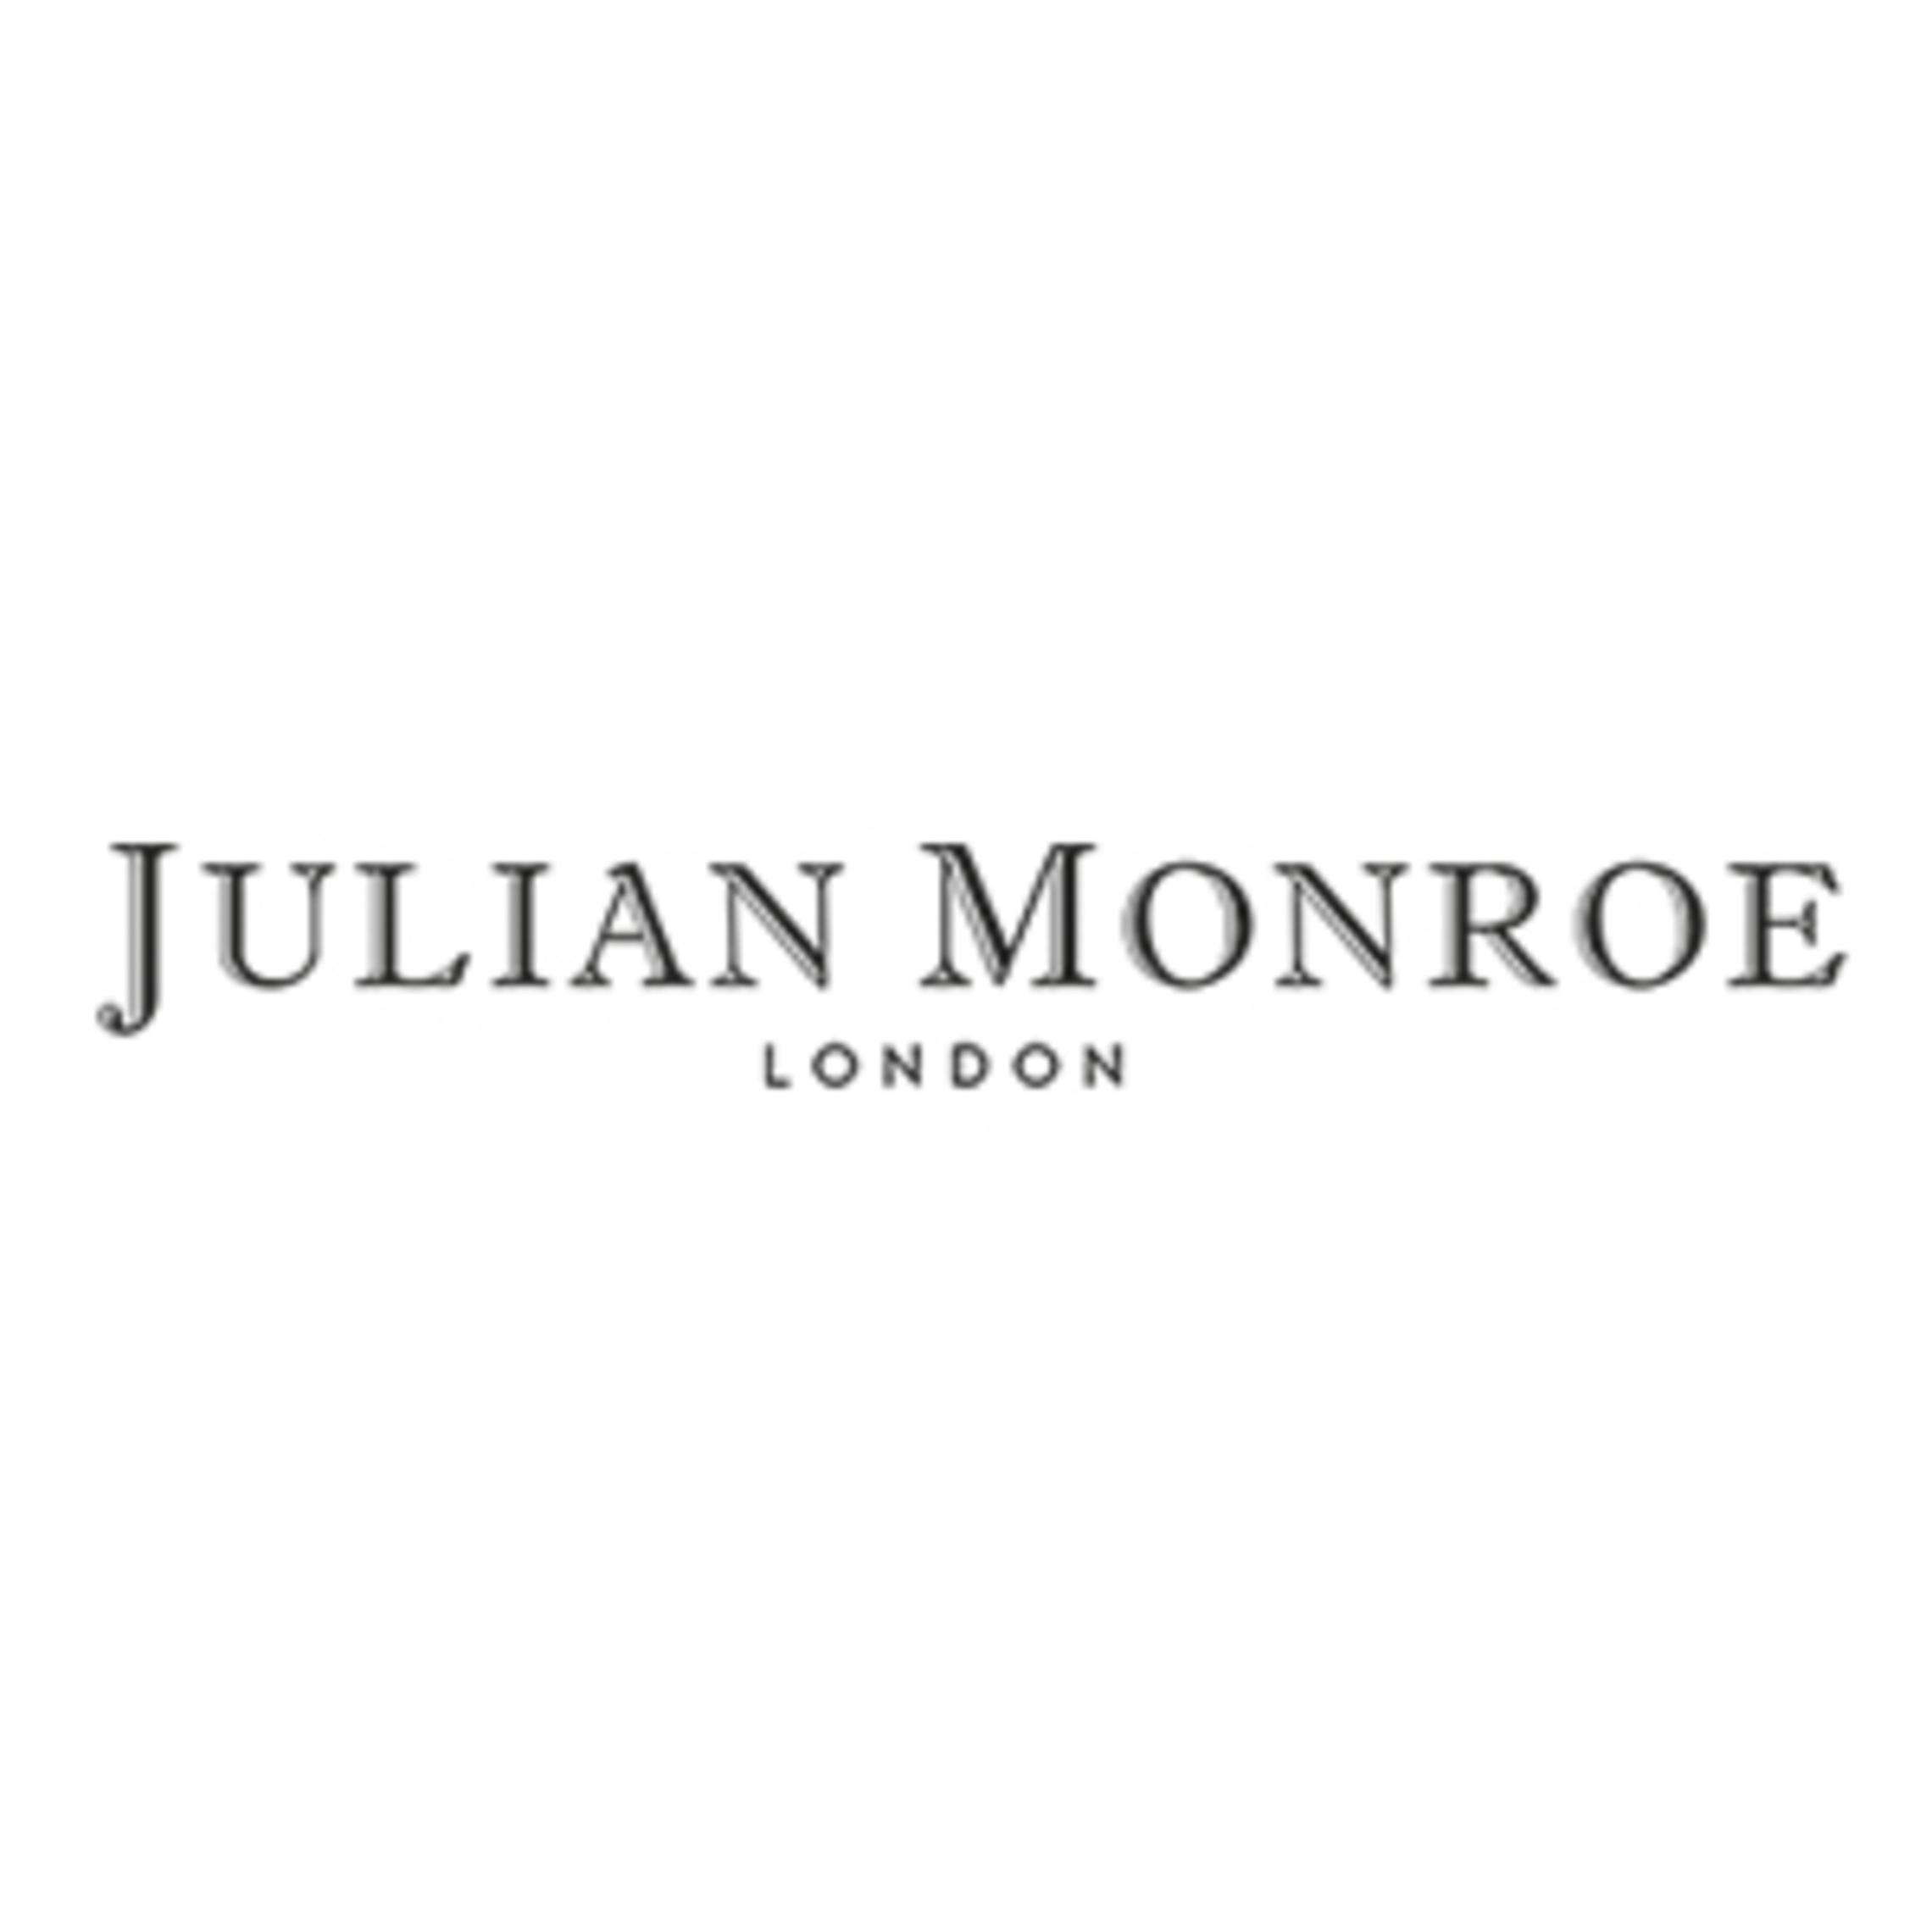 julian monroe- company logo